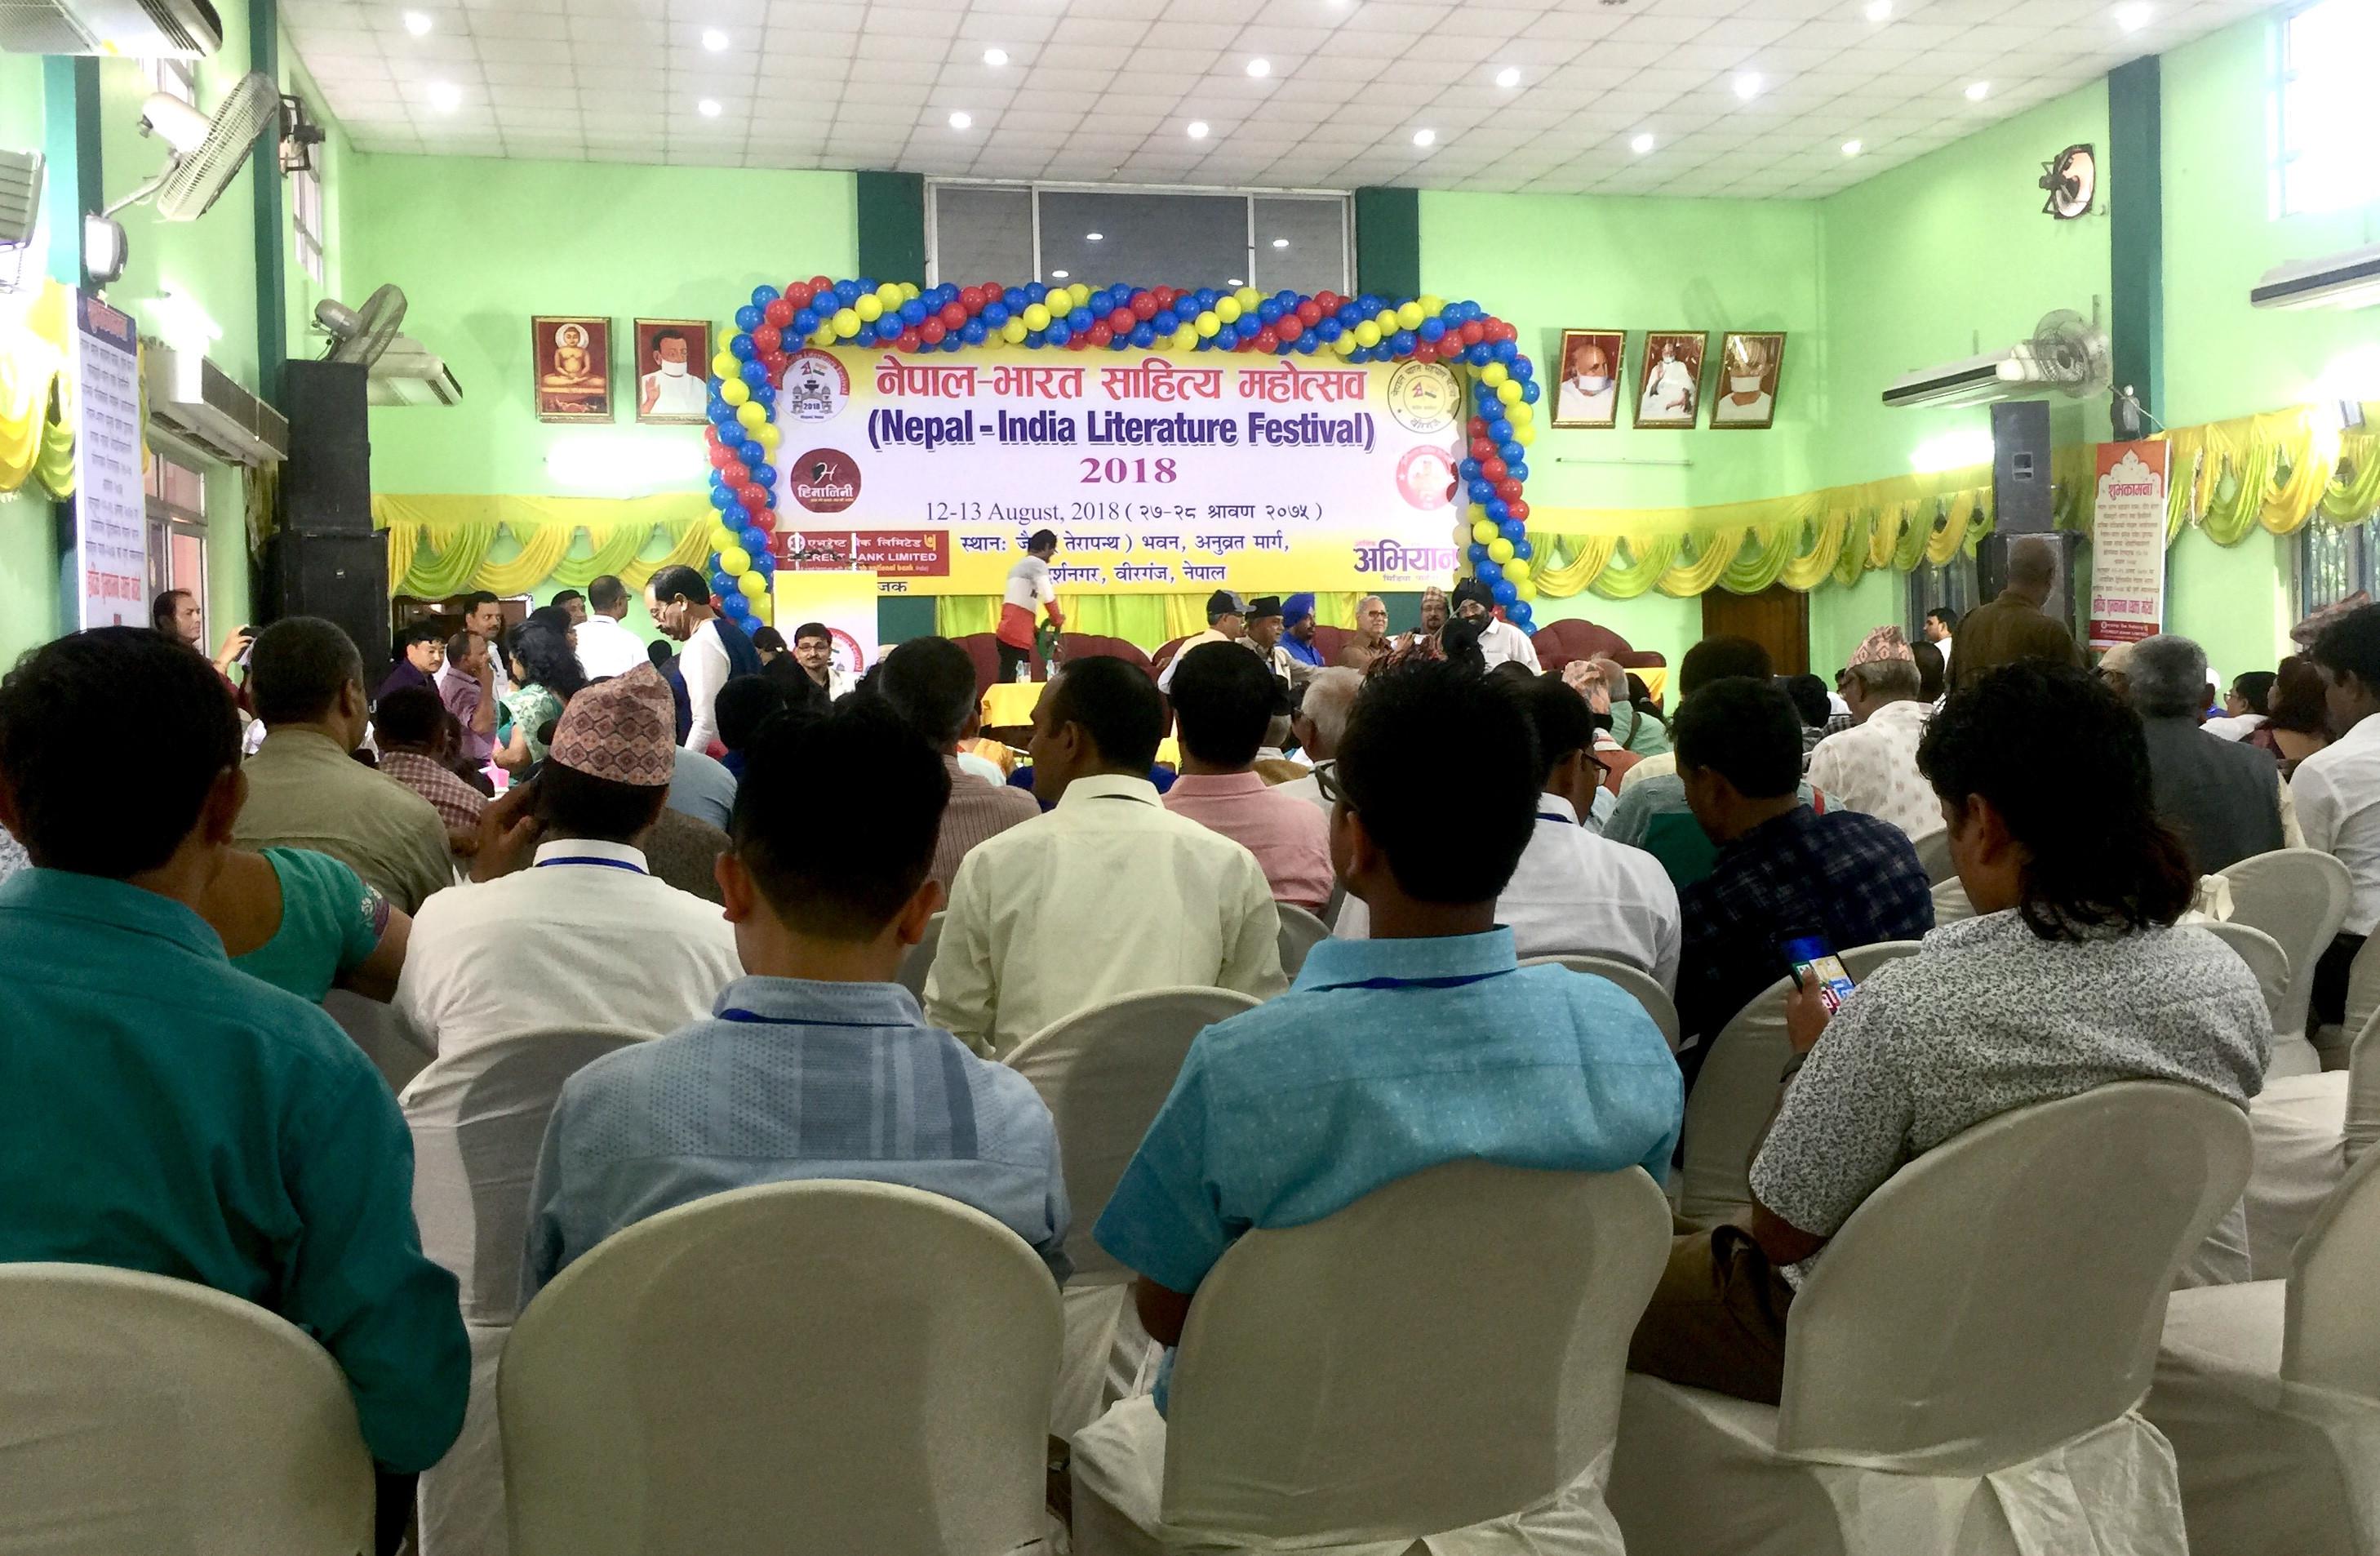 वीरगन्जमा यसै साता आयोजित 'नेपाल–भारत साहित्य महोत्सव'। तस्बिर: गिरीश गिरी/सेतोपाटी